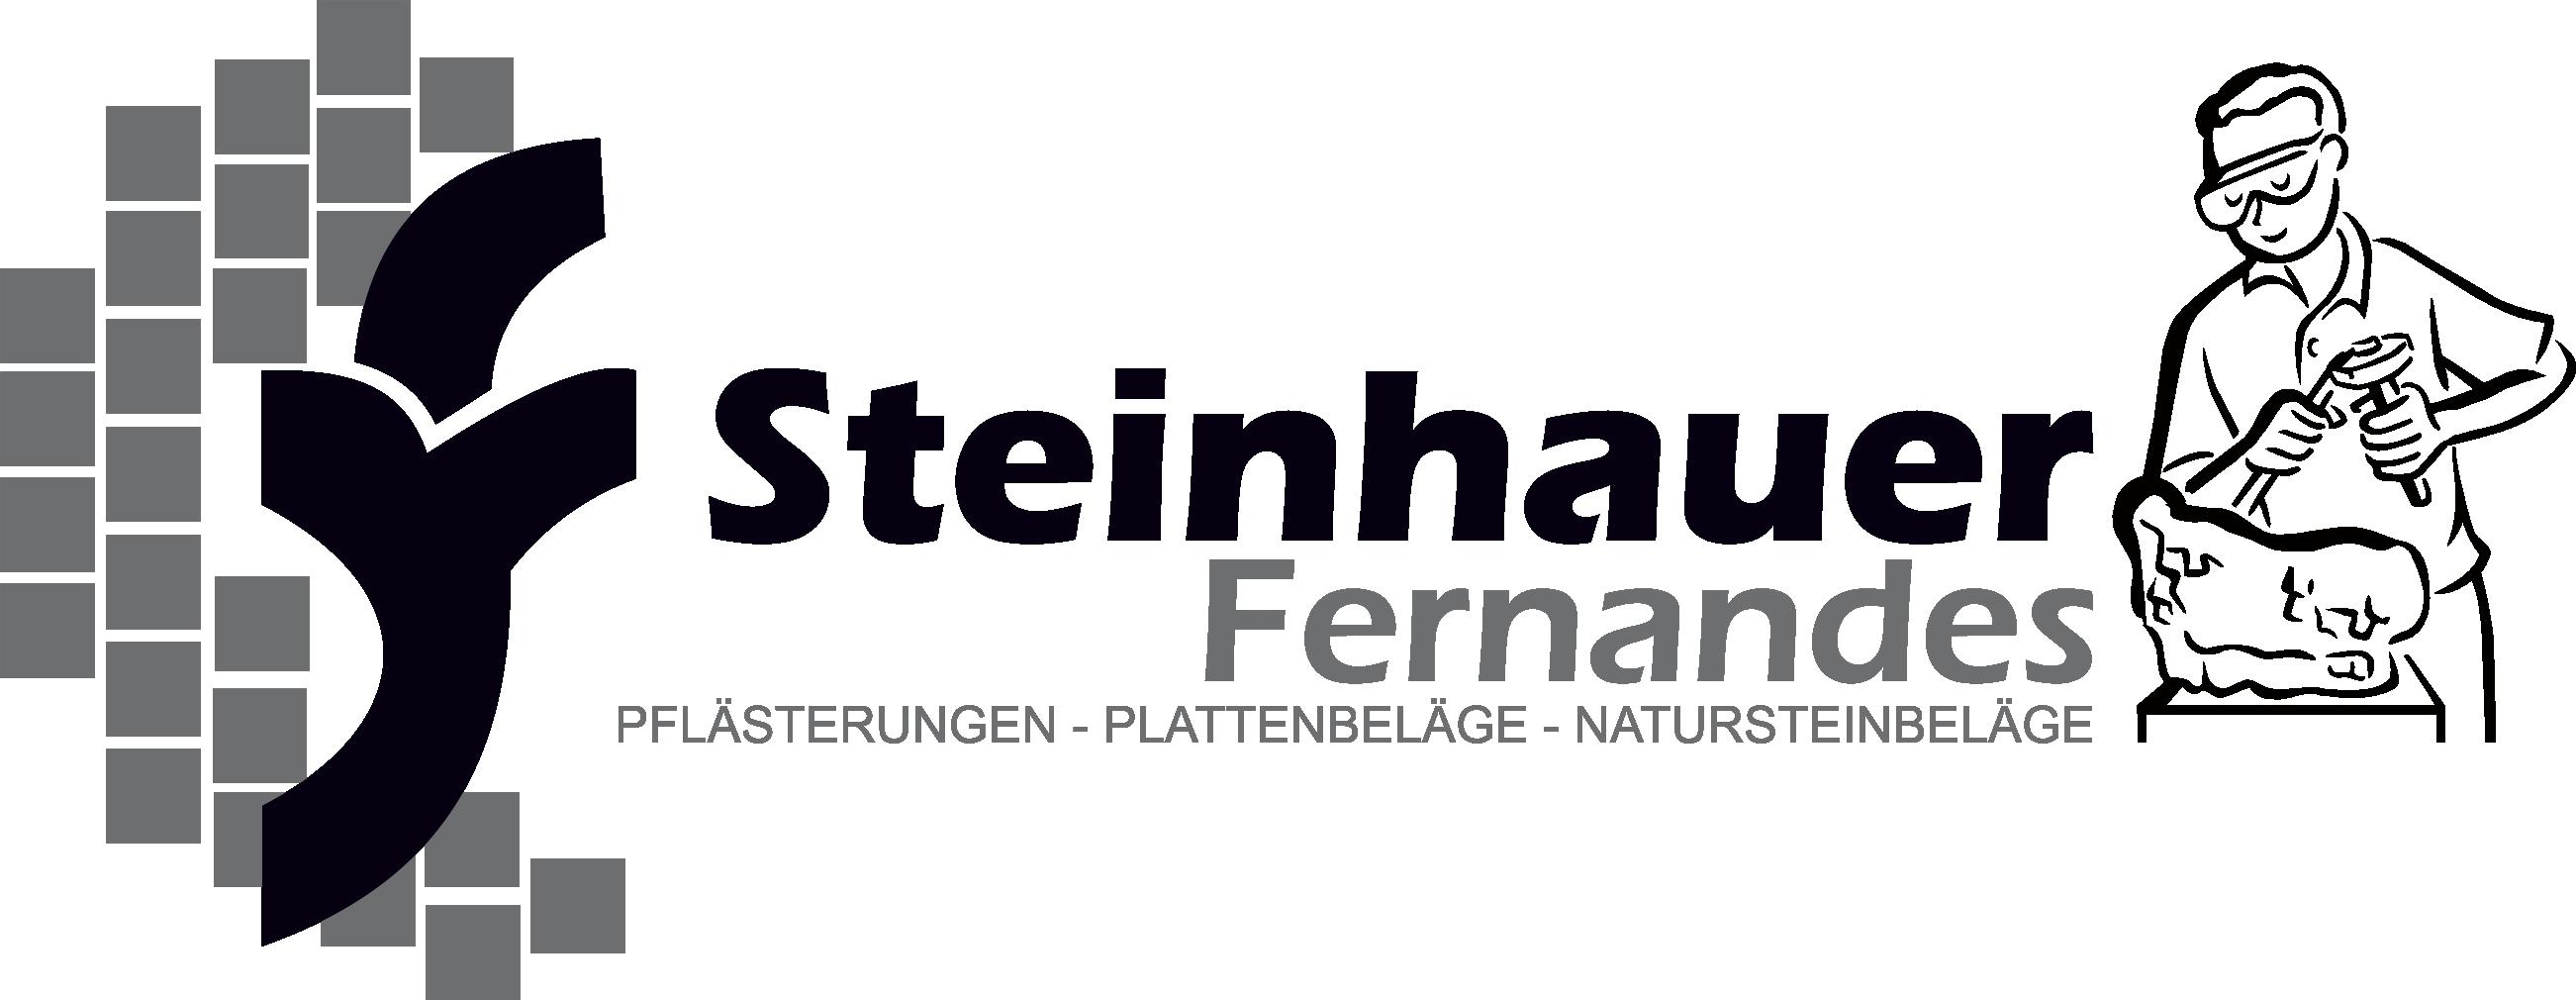 Steinhauer Fernandes